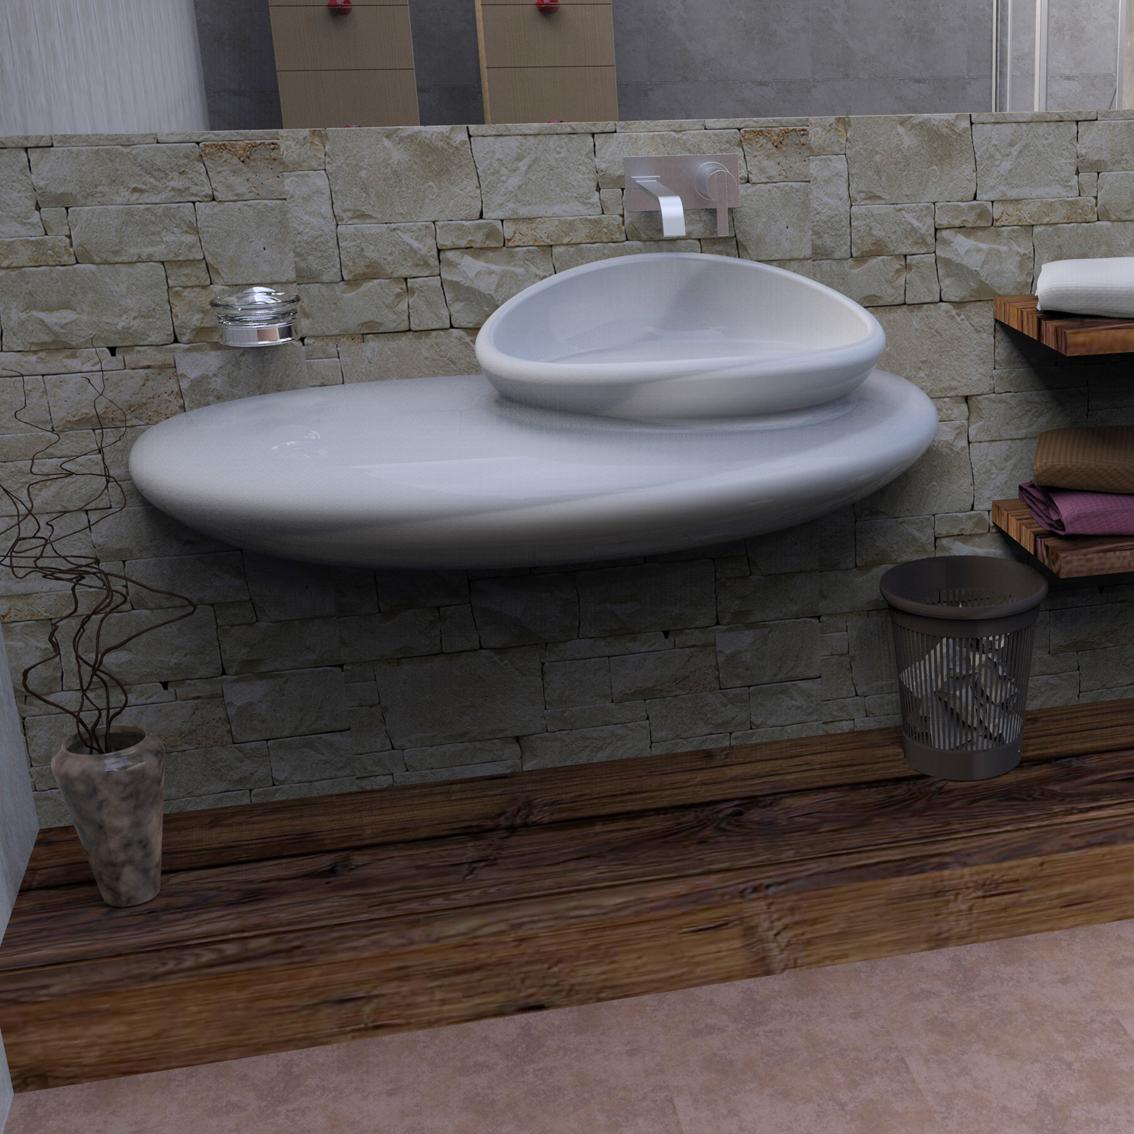 Stone lavandini e vasche zad zone of absolute design for Lavandino design